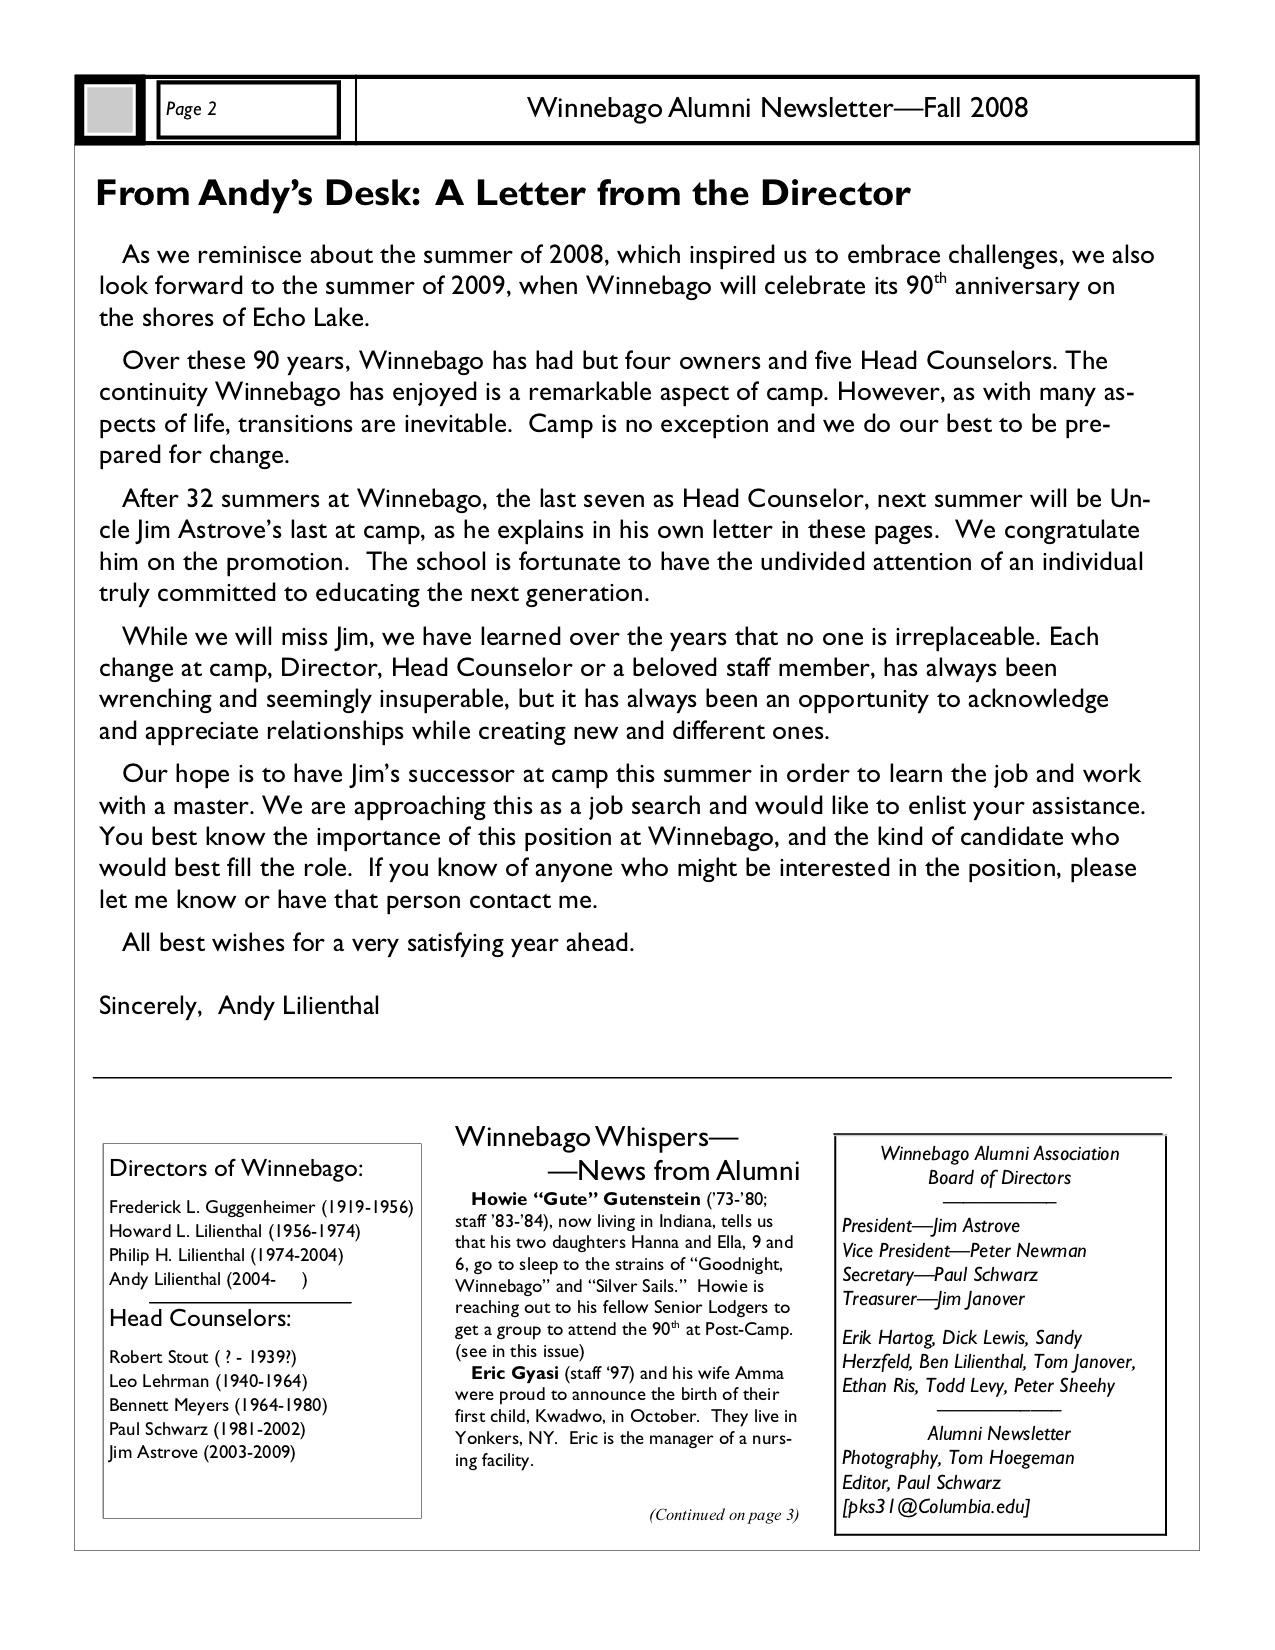 2008 Fall Newsletter 2.jpg